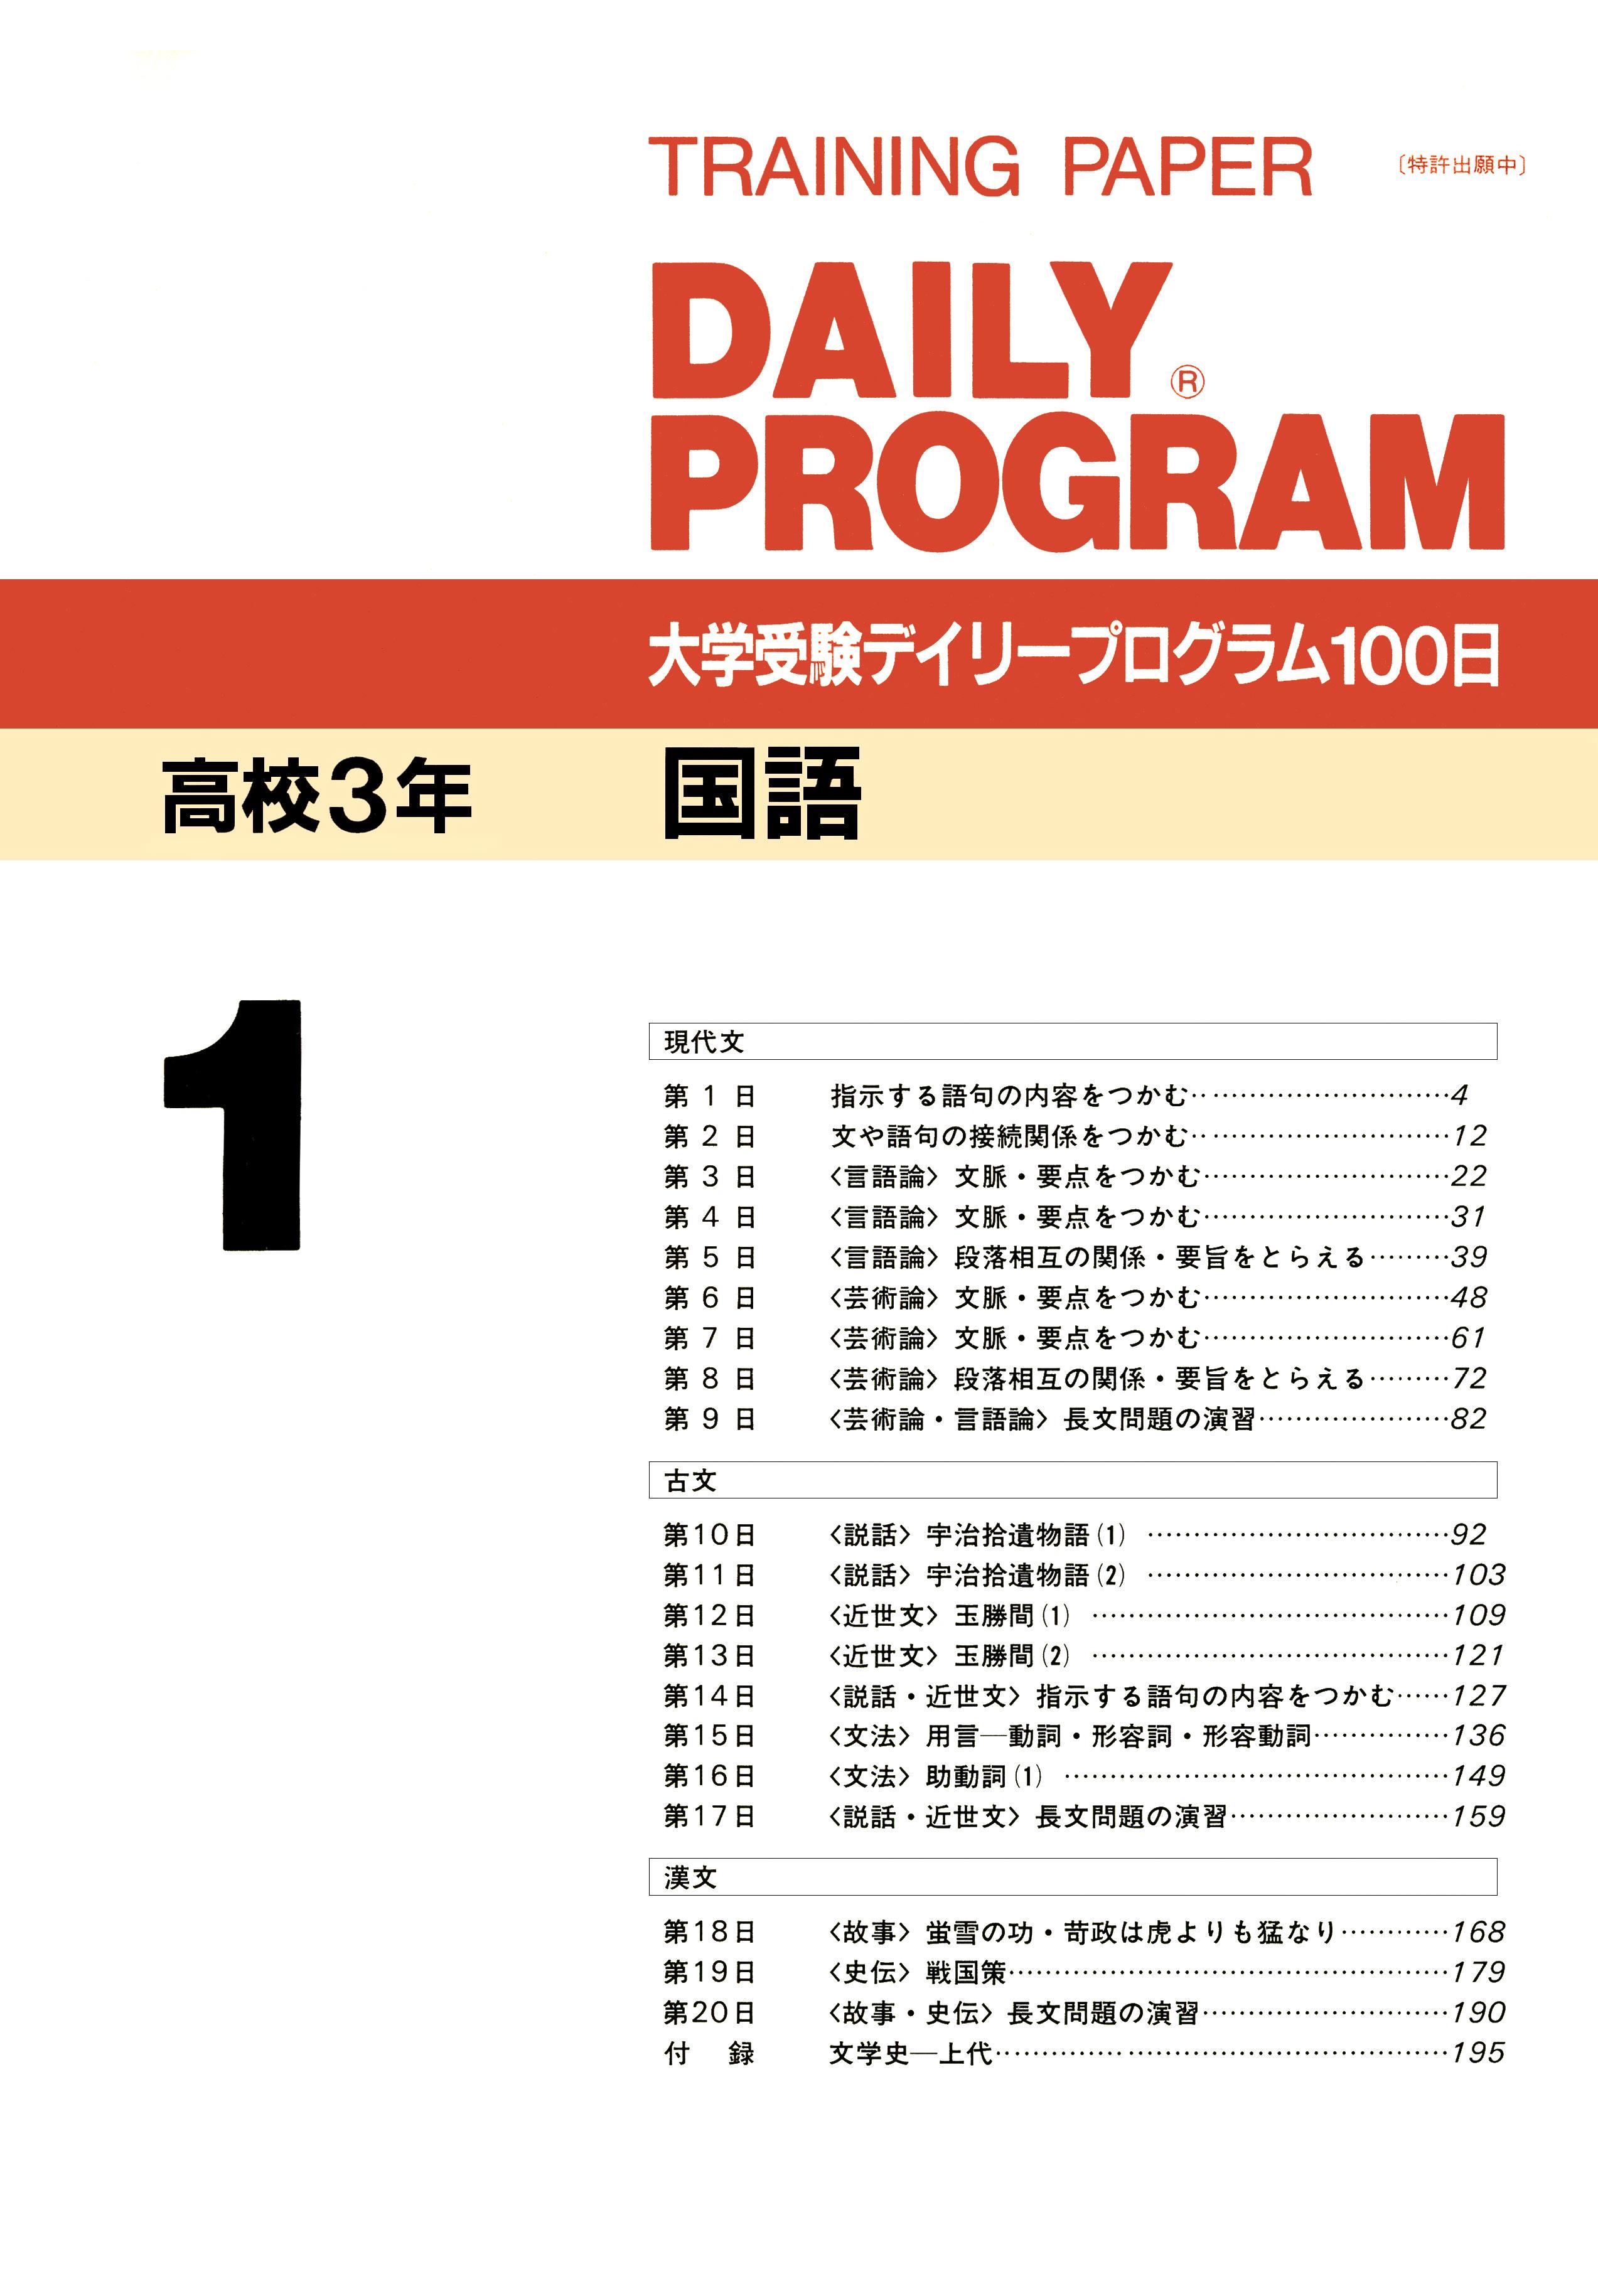 ITEM-DP-DJ-0004